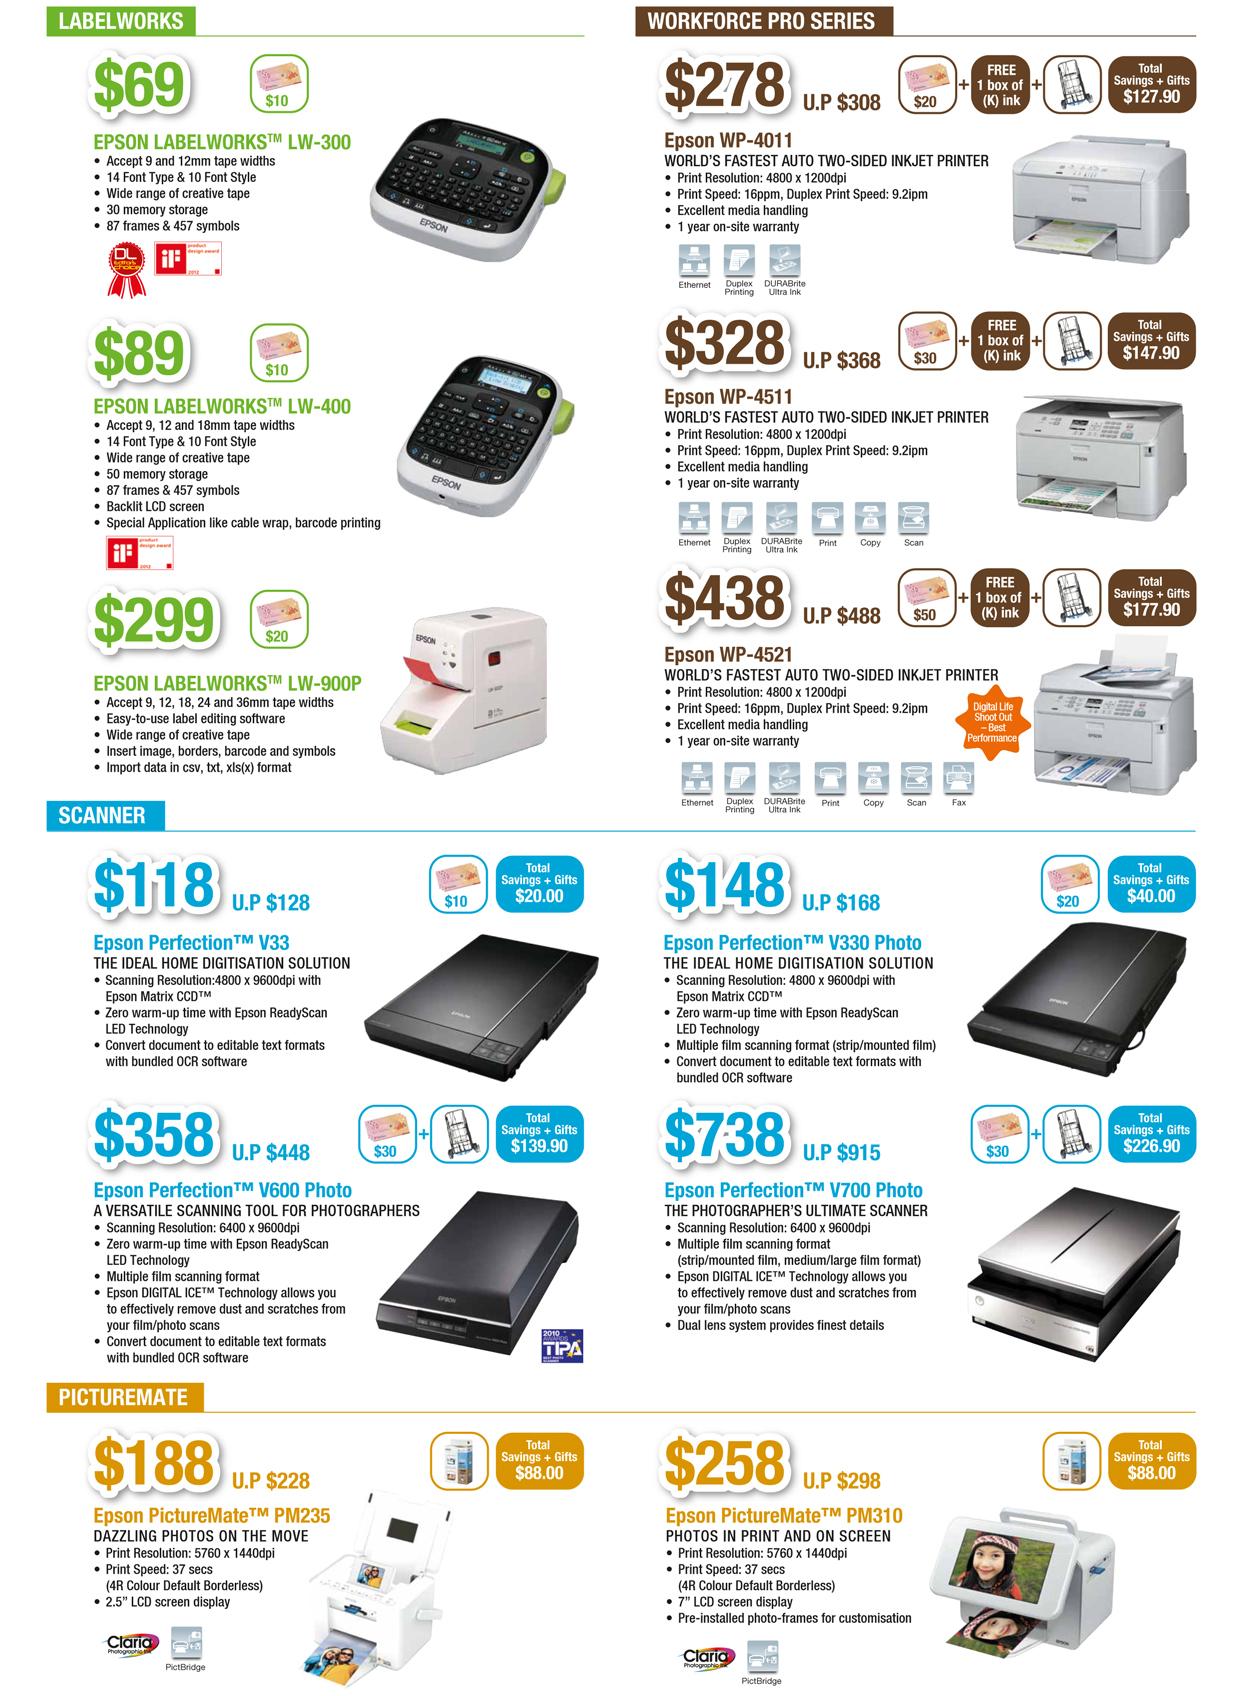 EPSON COMEX 2012 Price List 5